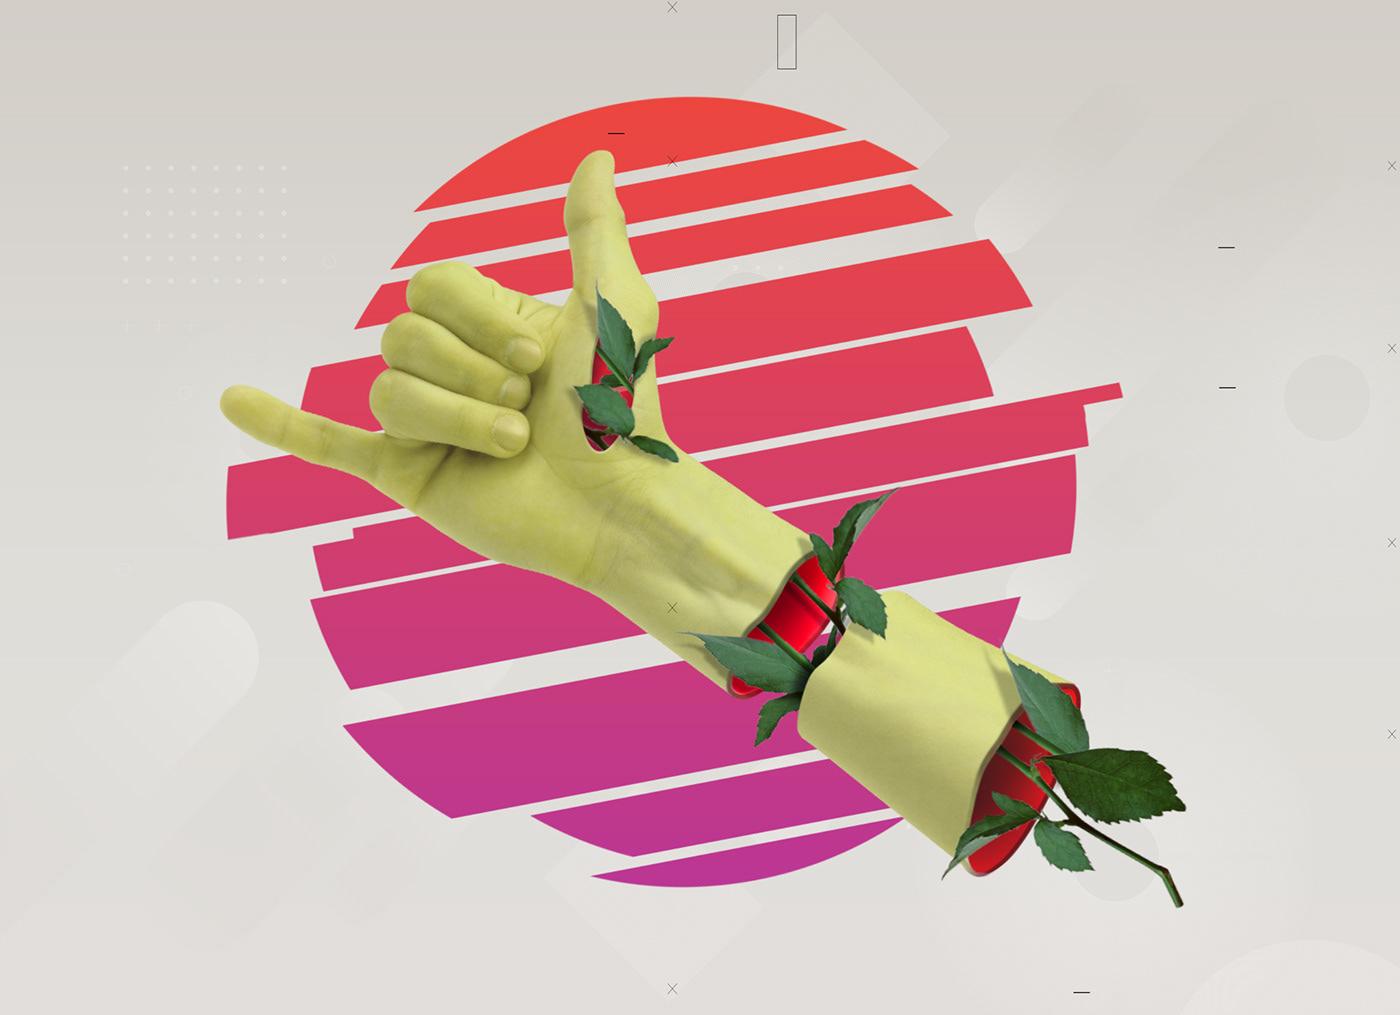 abstractionism creative Cutouts dubleexpounsure ilustration MASKING photo photo masking photoshop